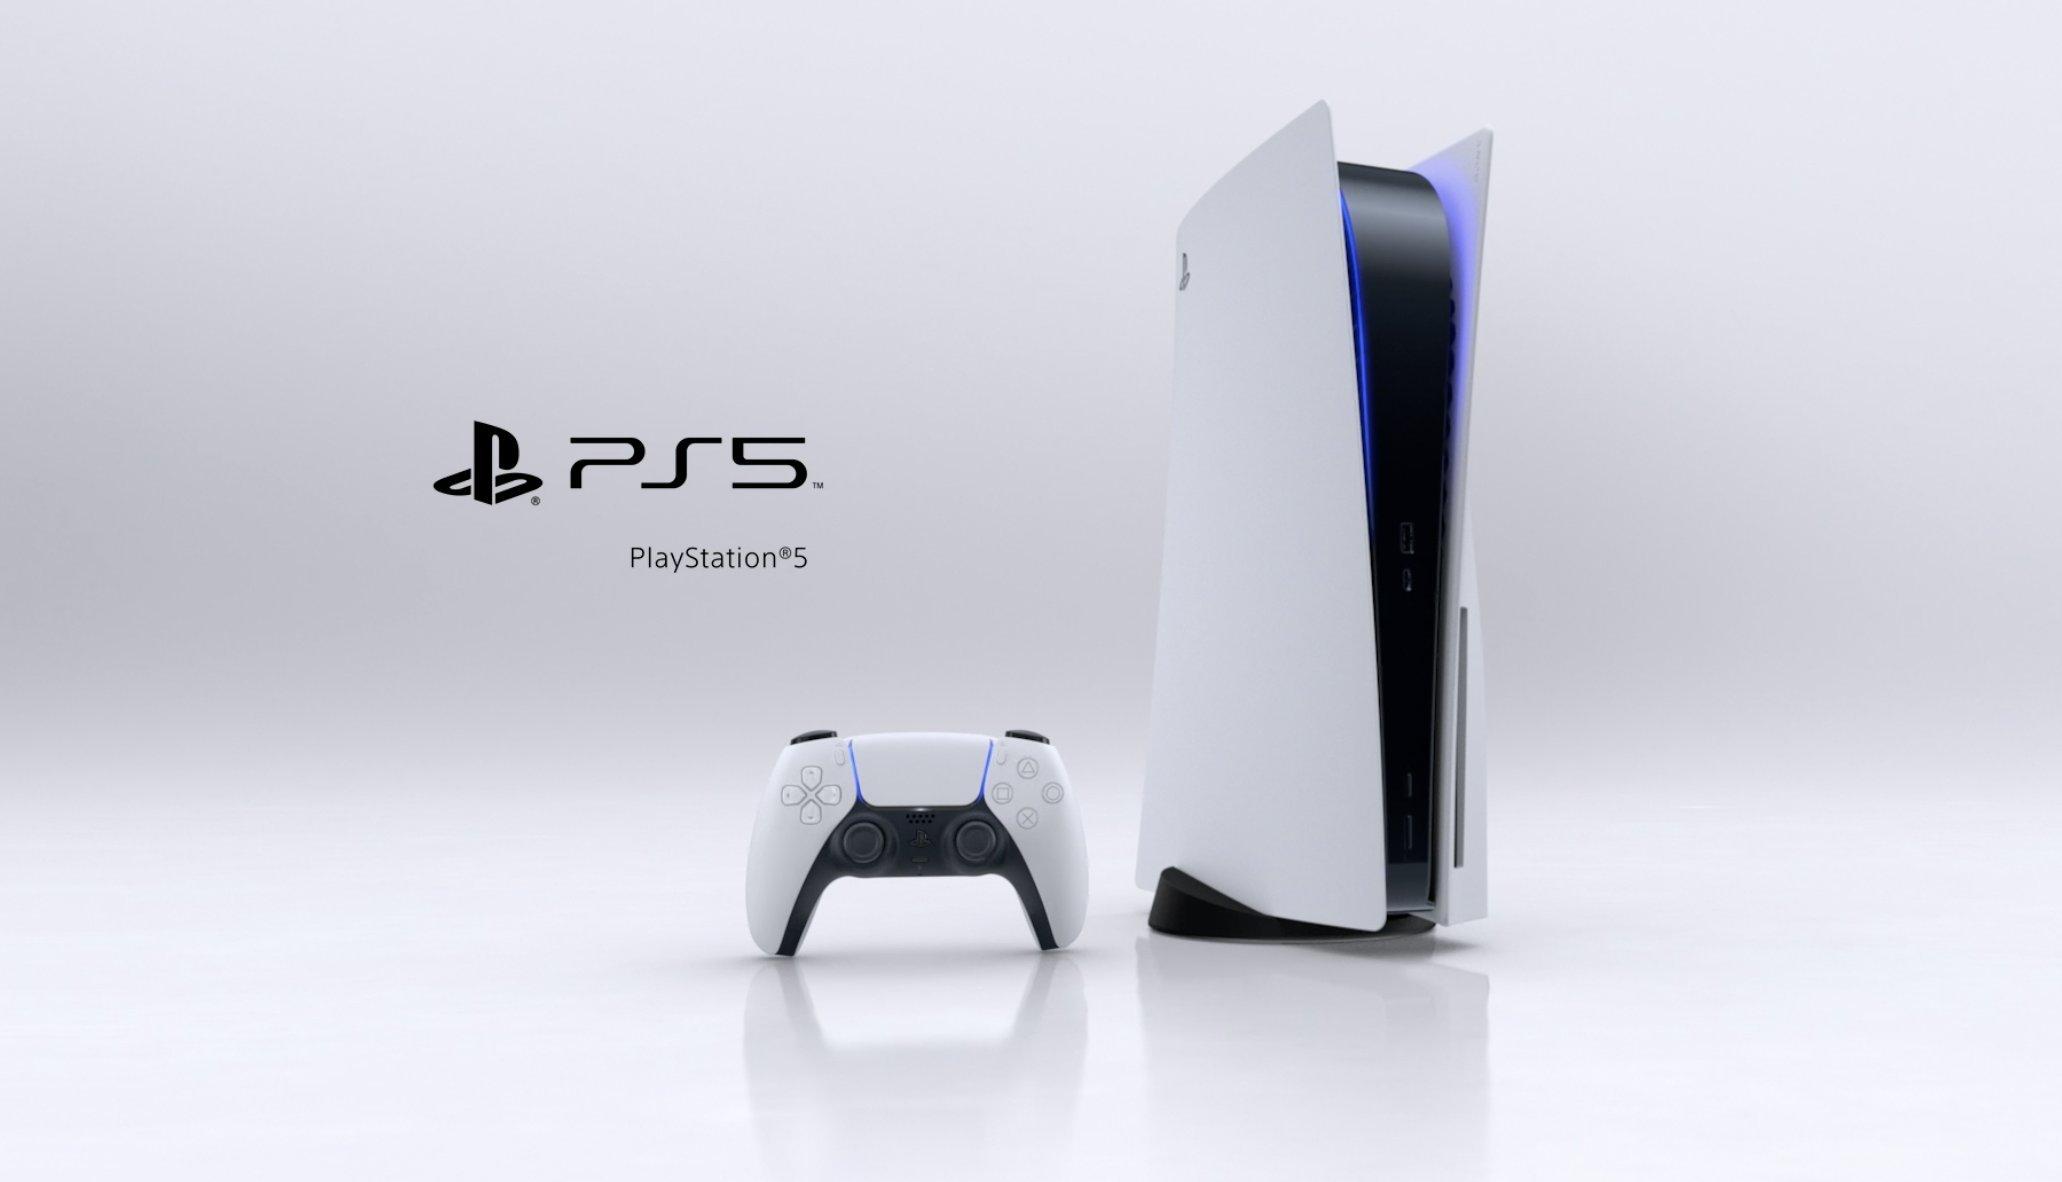 PlayStation 5: Sony revela la nueva consola PS5 y es el futuro de los videojuegos